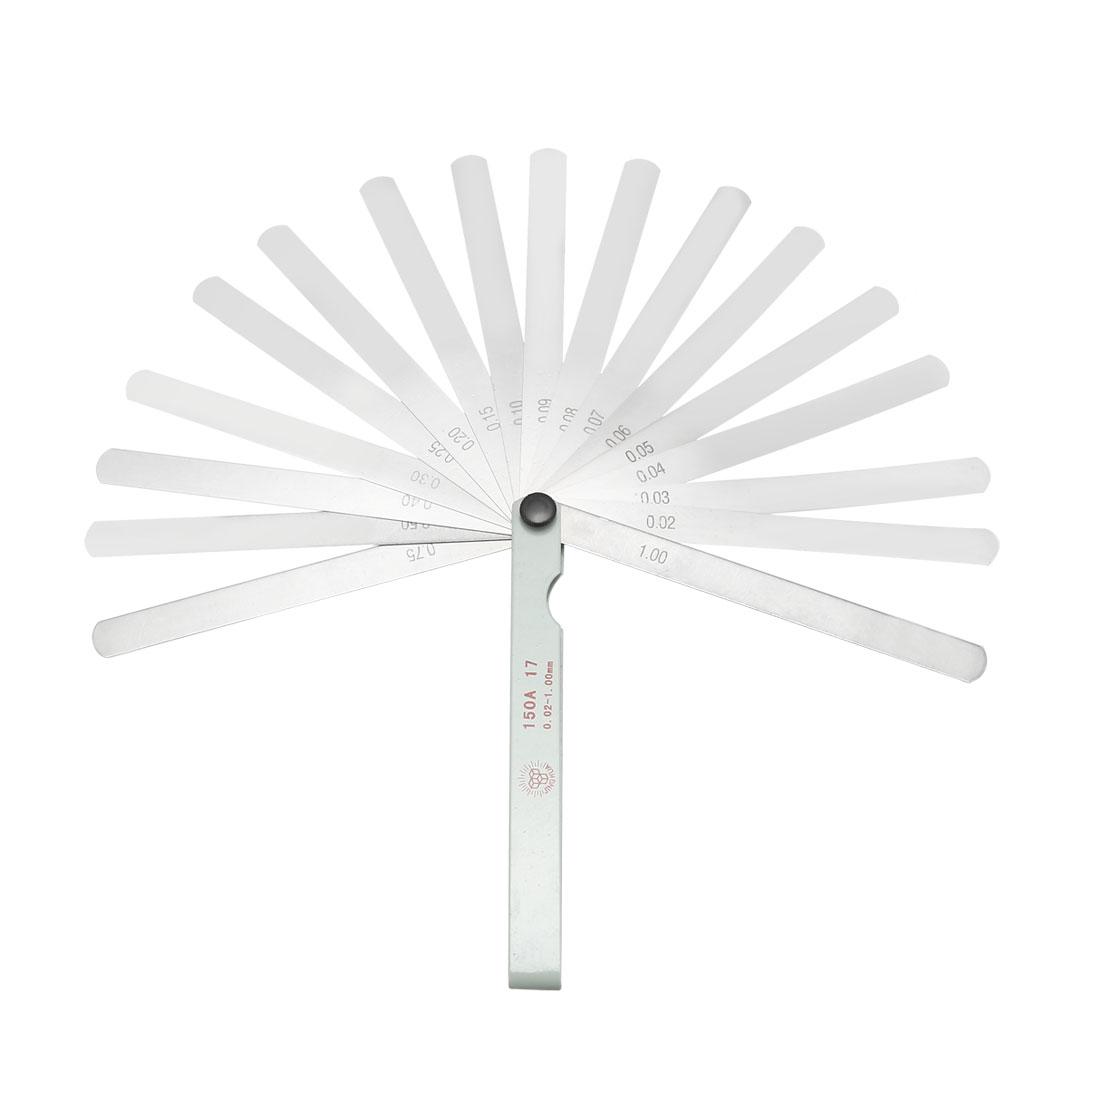 Metric Thickness Feeler Gauge 0.02-1mm 17 Blade Measuring Gap Width Mn Steel